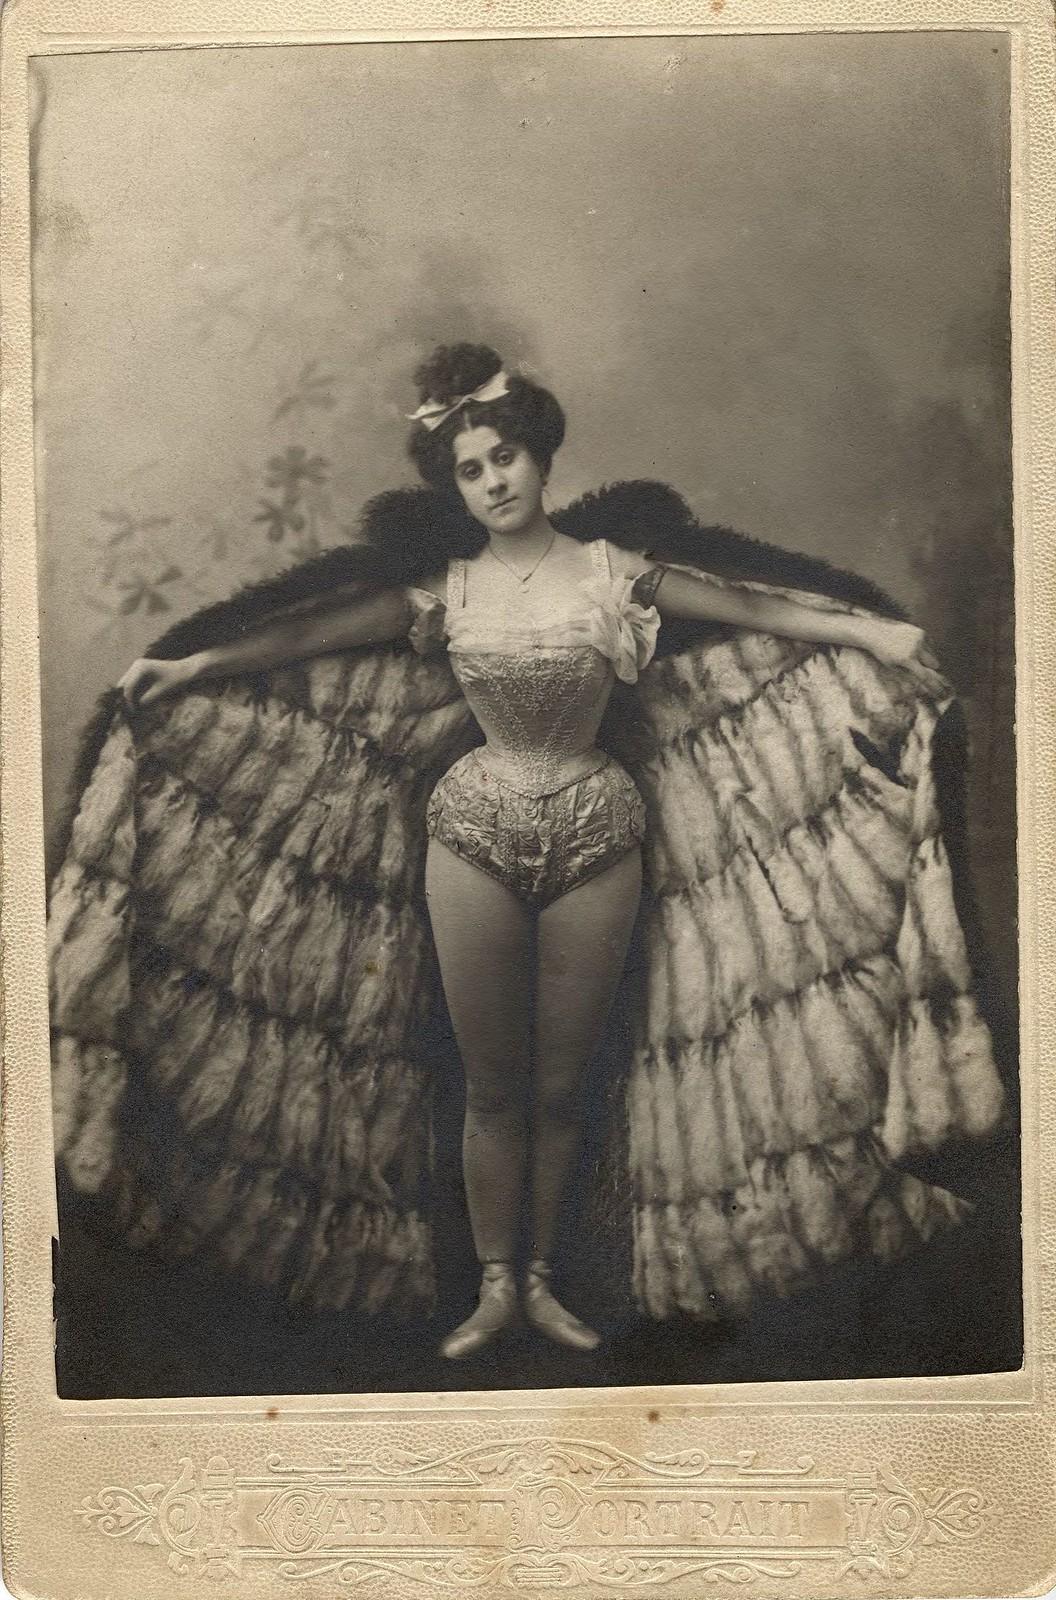 1900-е. Лаврентьева Александра Семеновна, сестра фотографа А.С.Лаврентьева, в балетном костюме